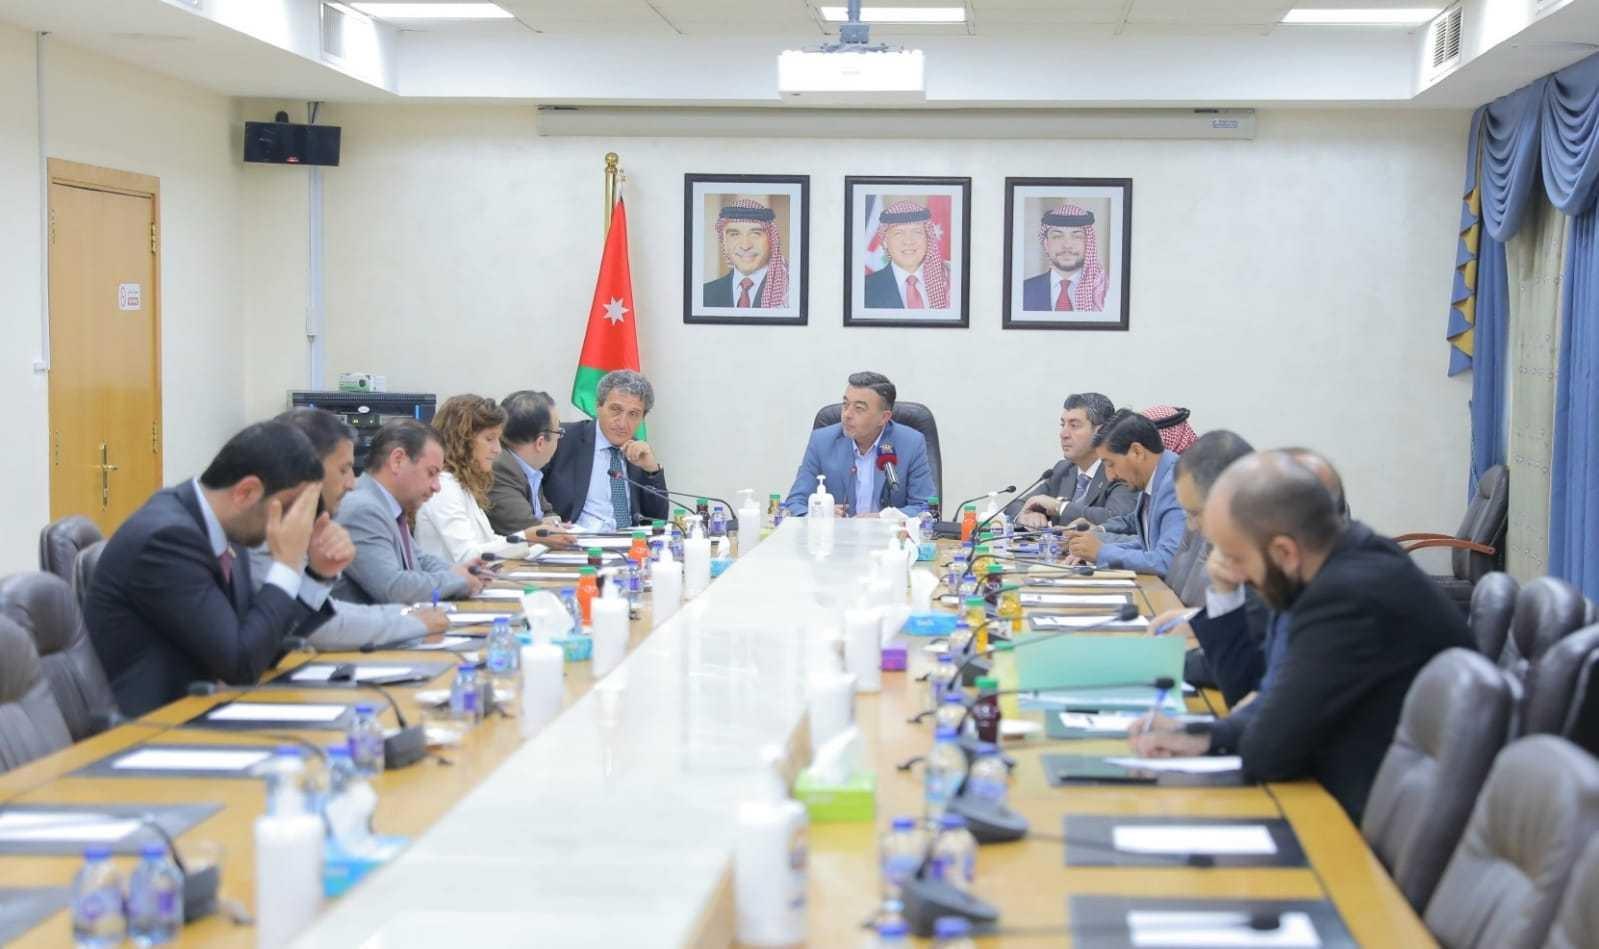 البرلمانية الأردنية الأوروبية تبحث والسفير الإيطالي تعزيز التعاون المشترك